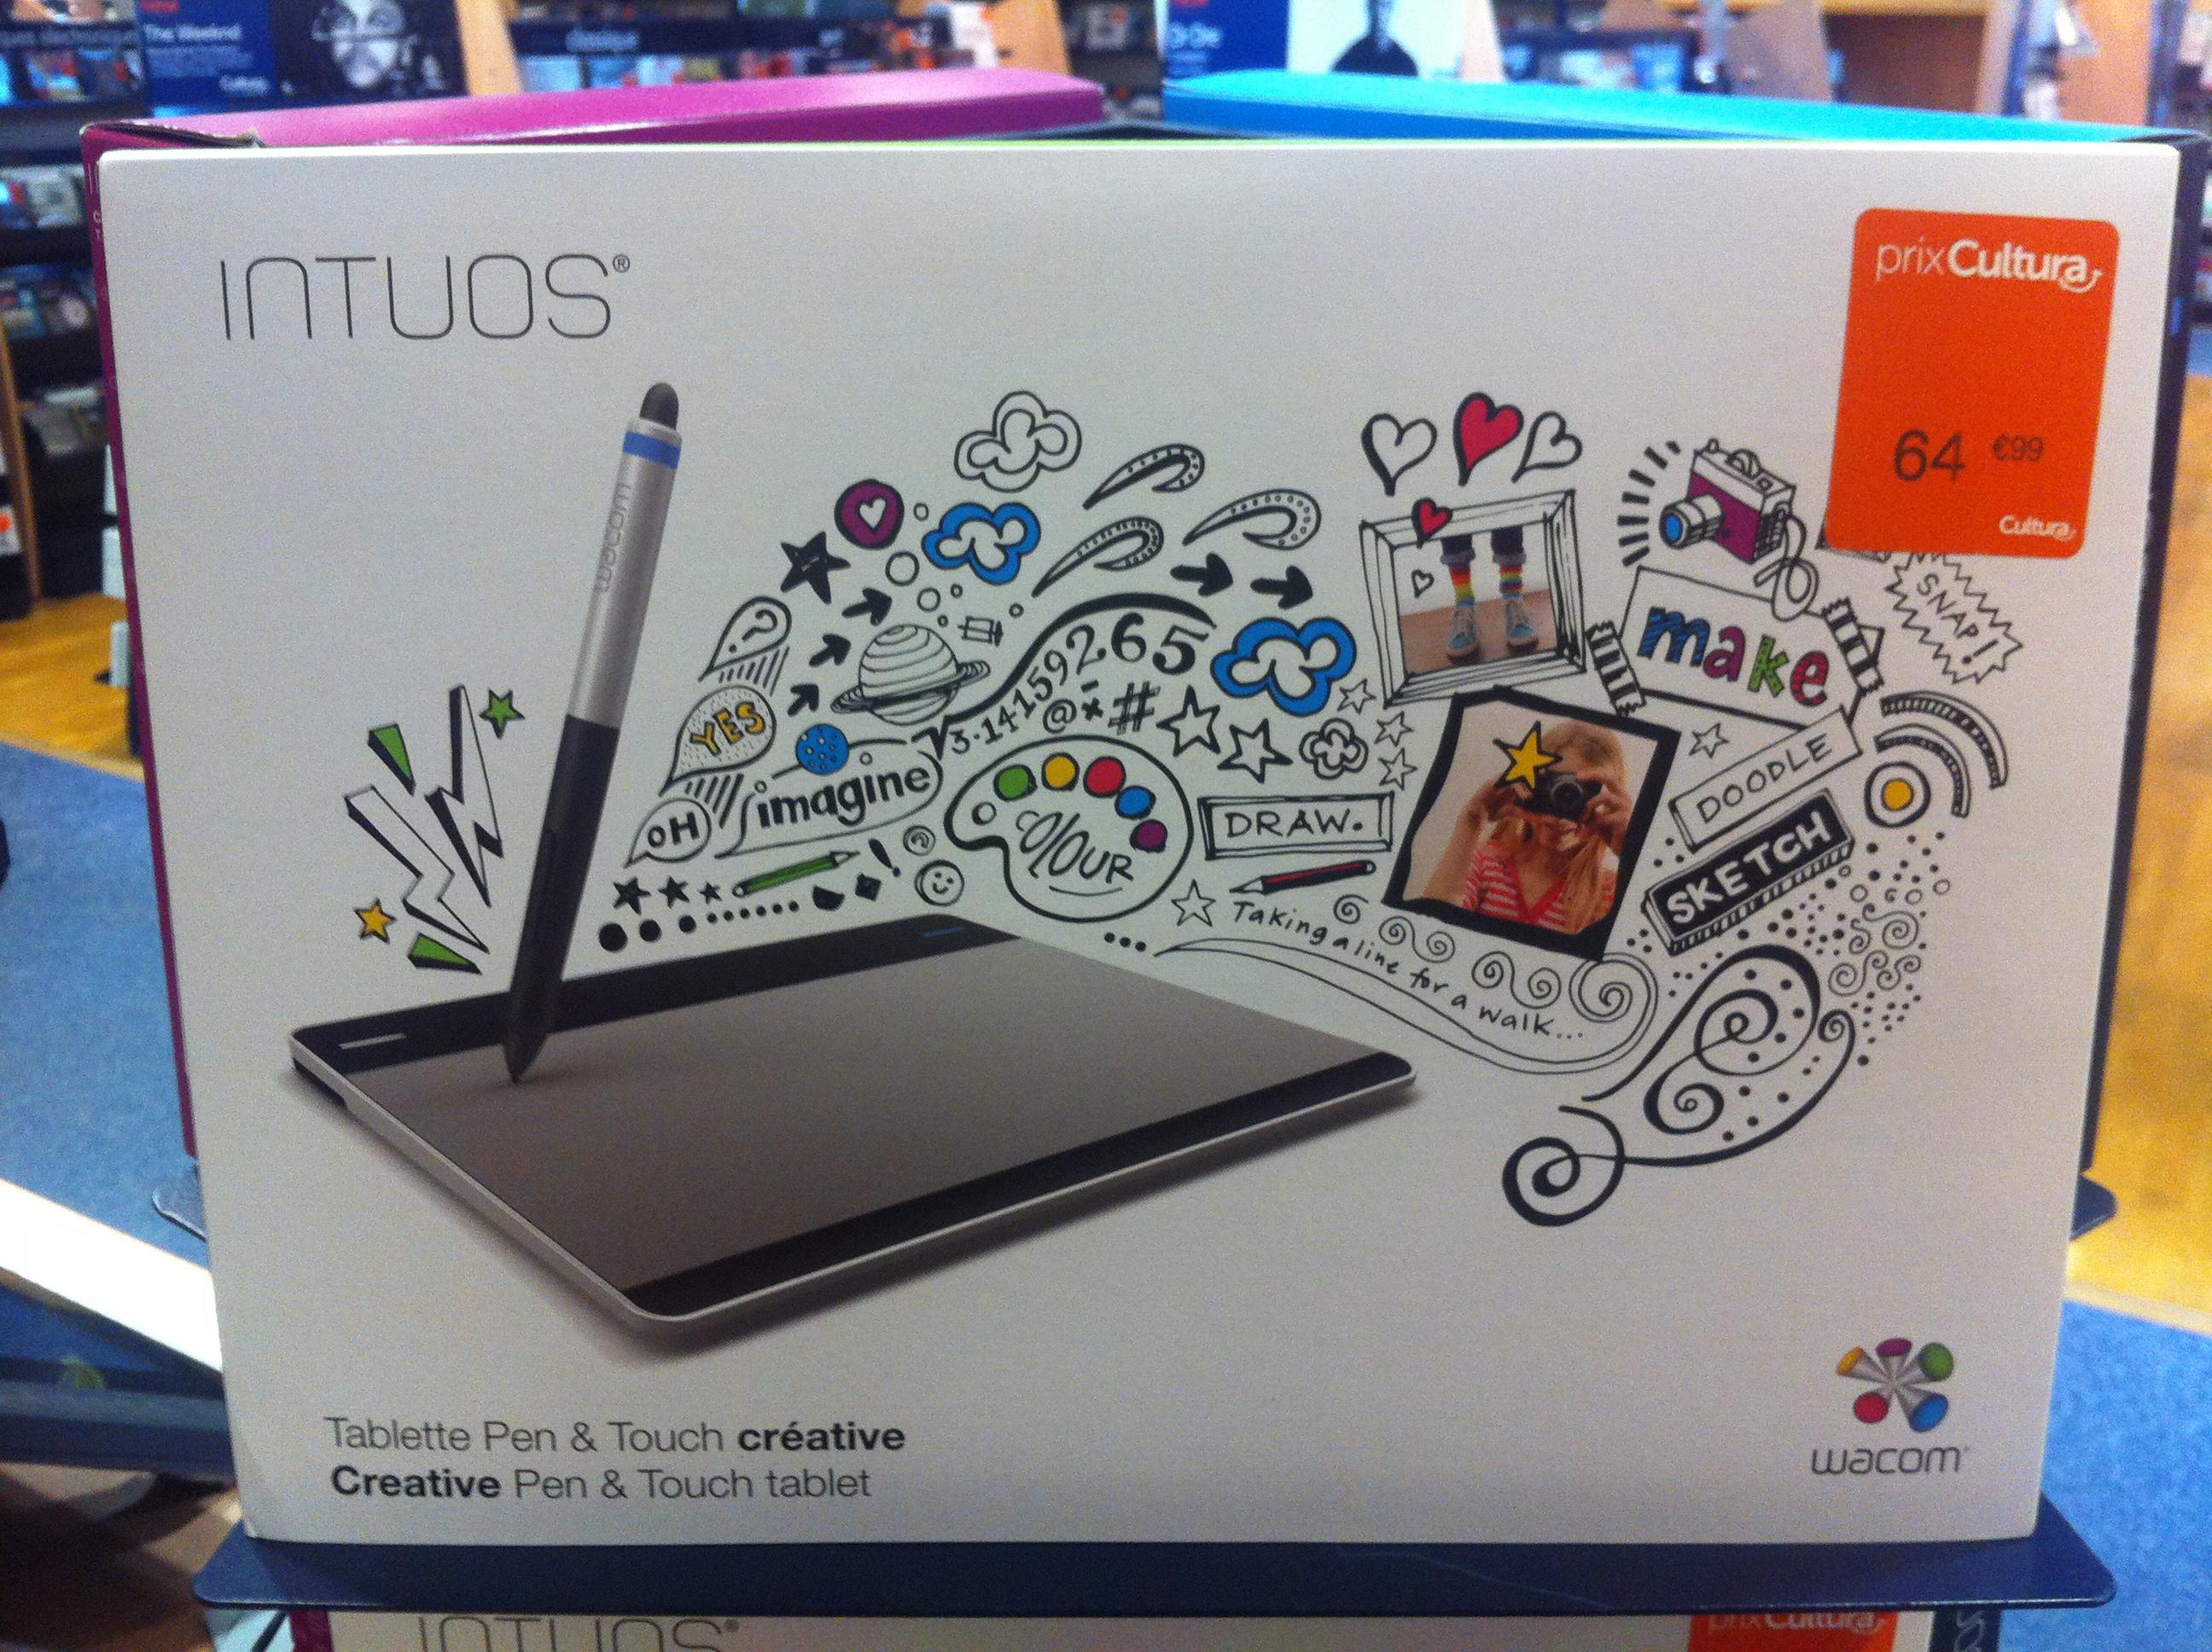 Sélection de tablettes graphiques Wacom en promotion - Ex : Intuos Pen & Touch S